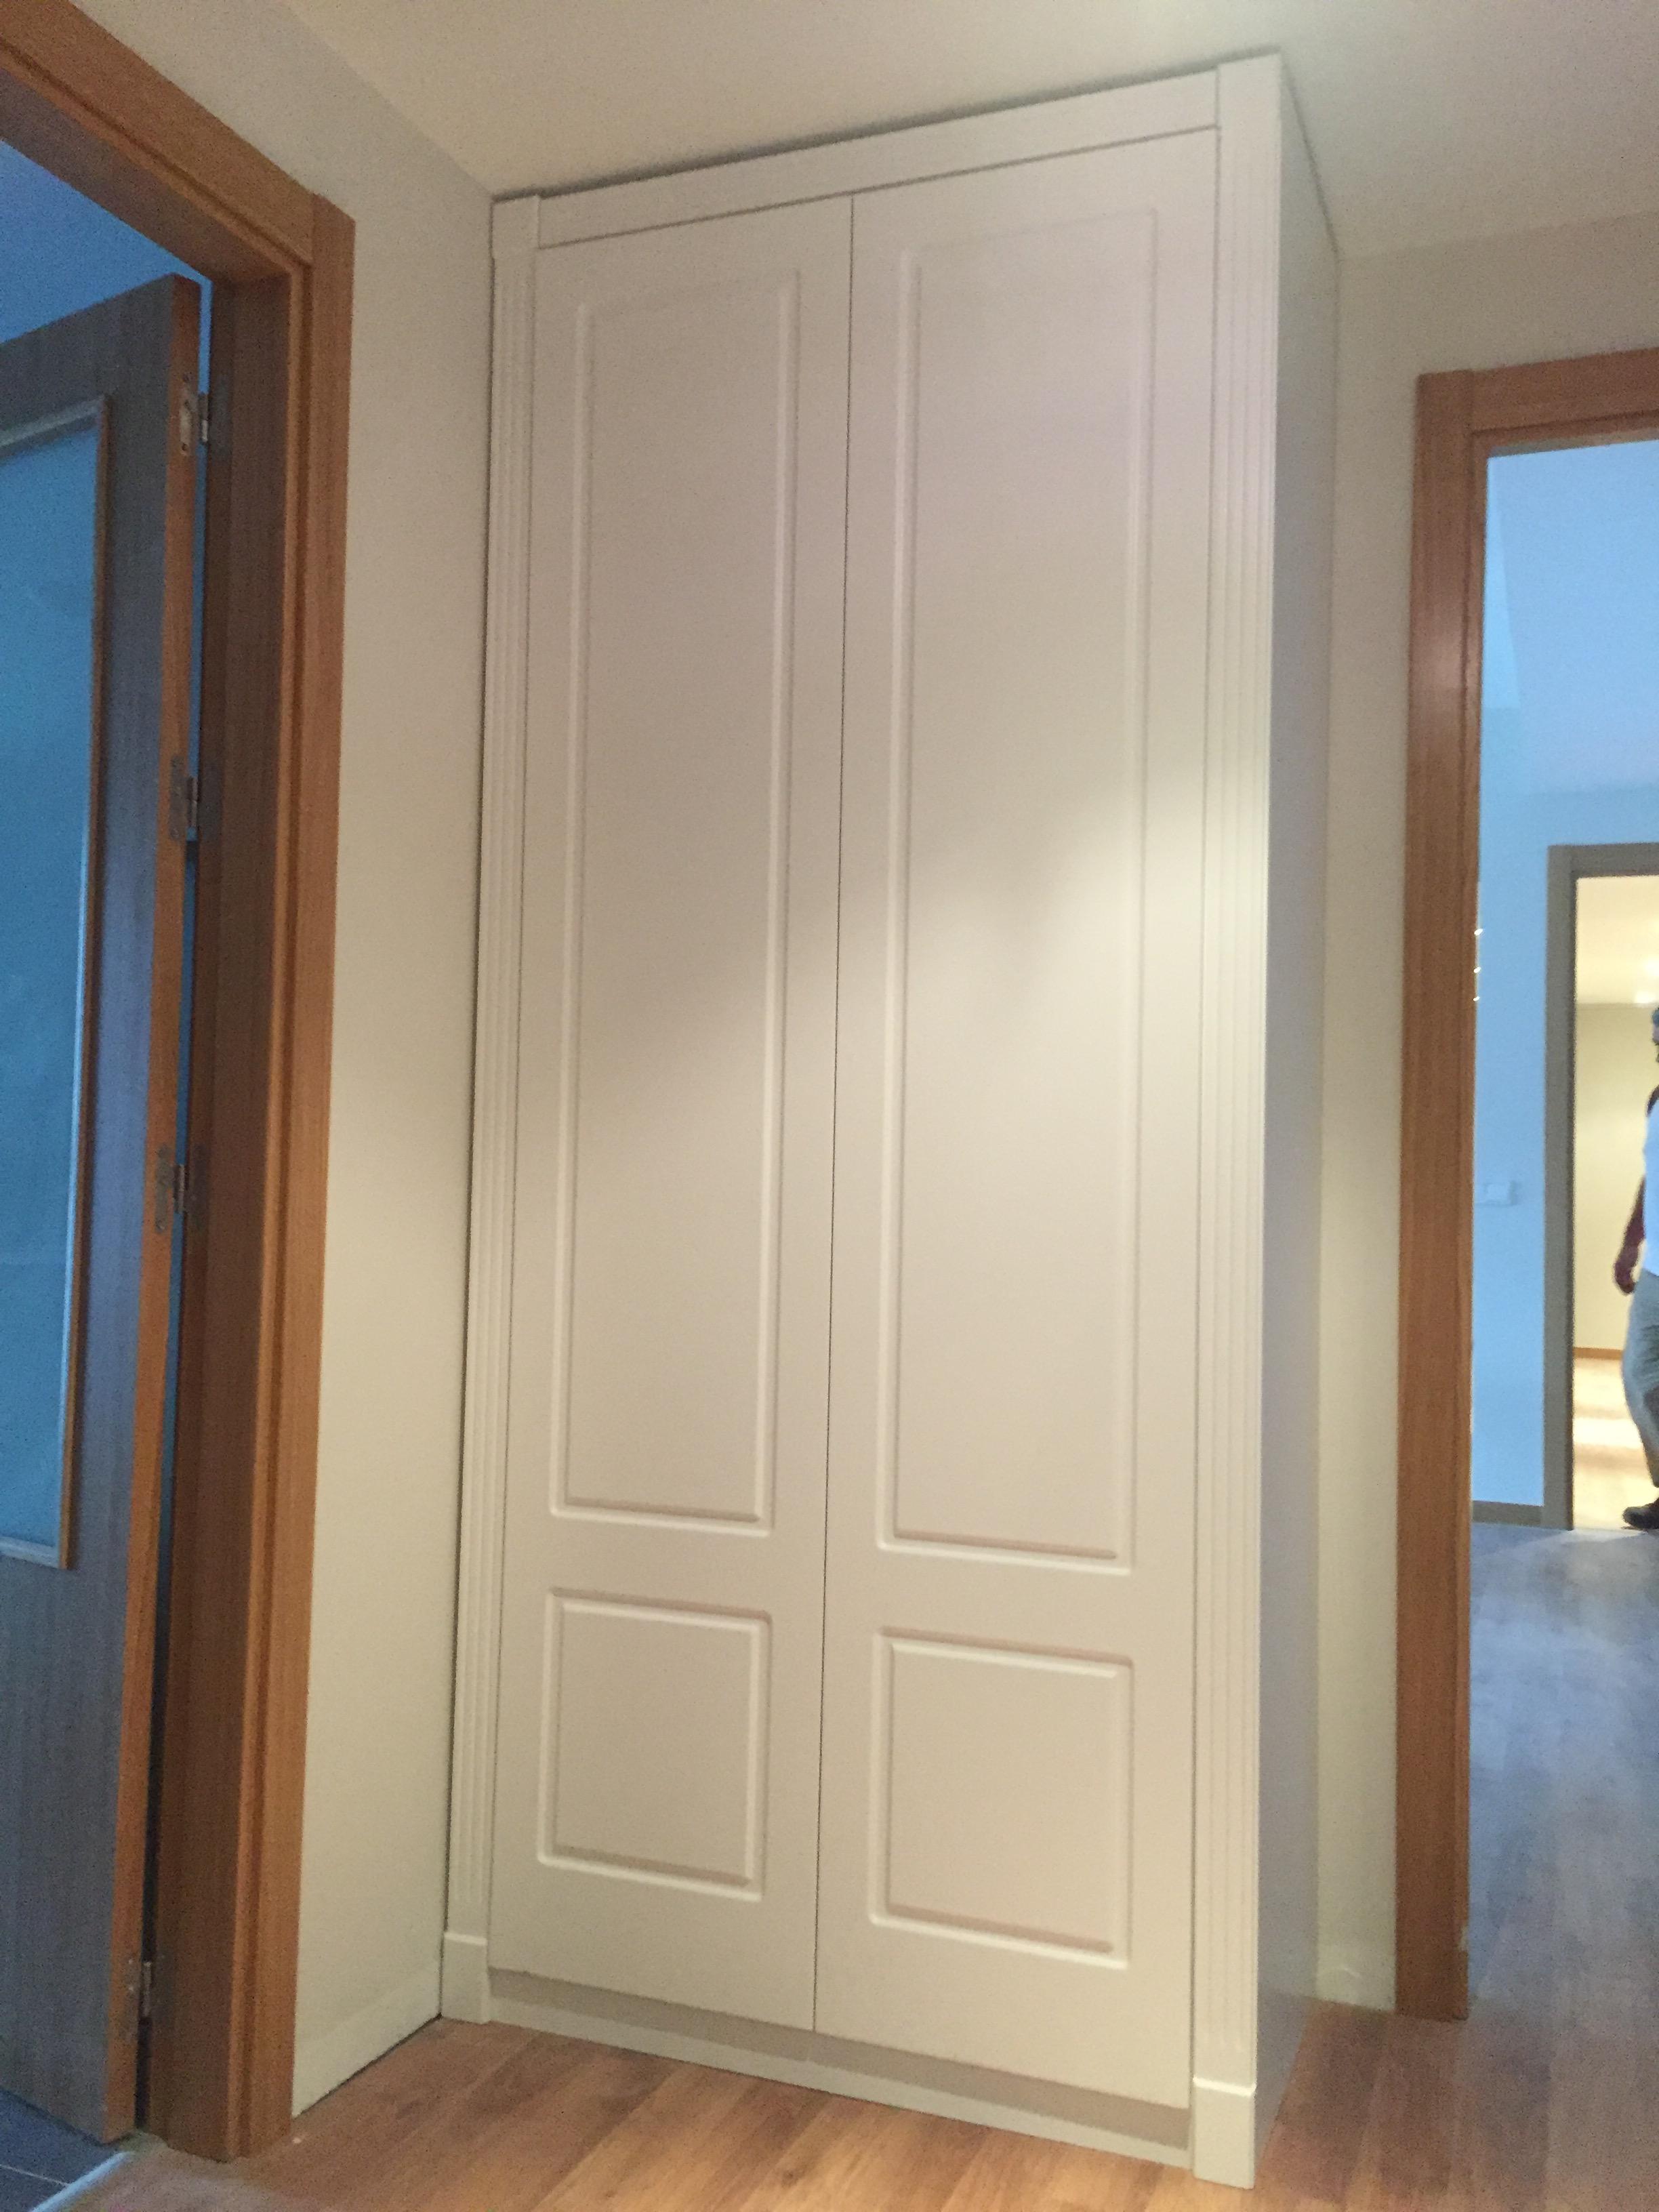 Armario lacado decoraci n puertas miansa - Armarios para entradas ...